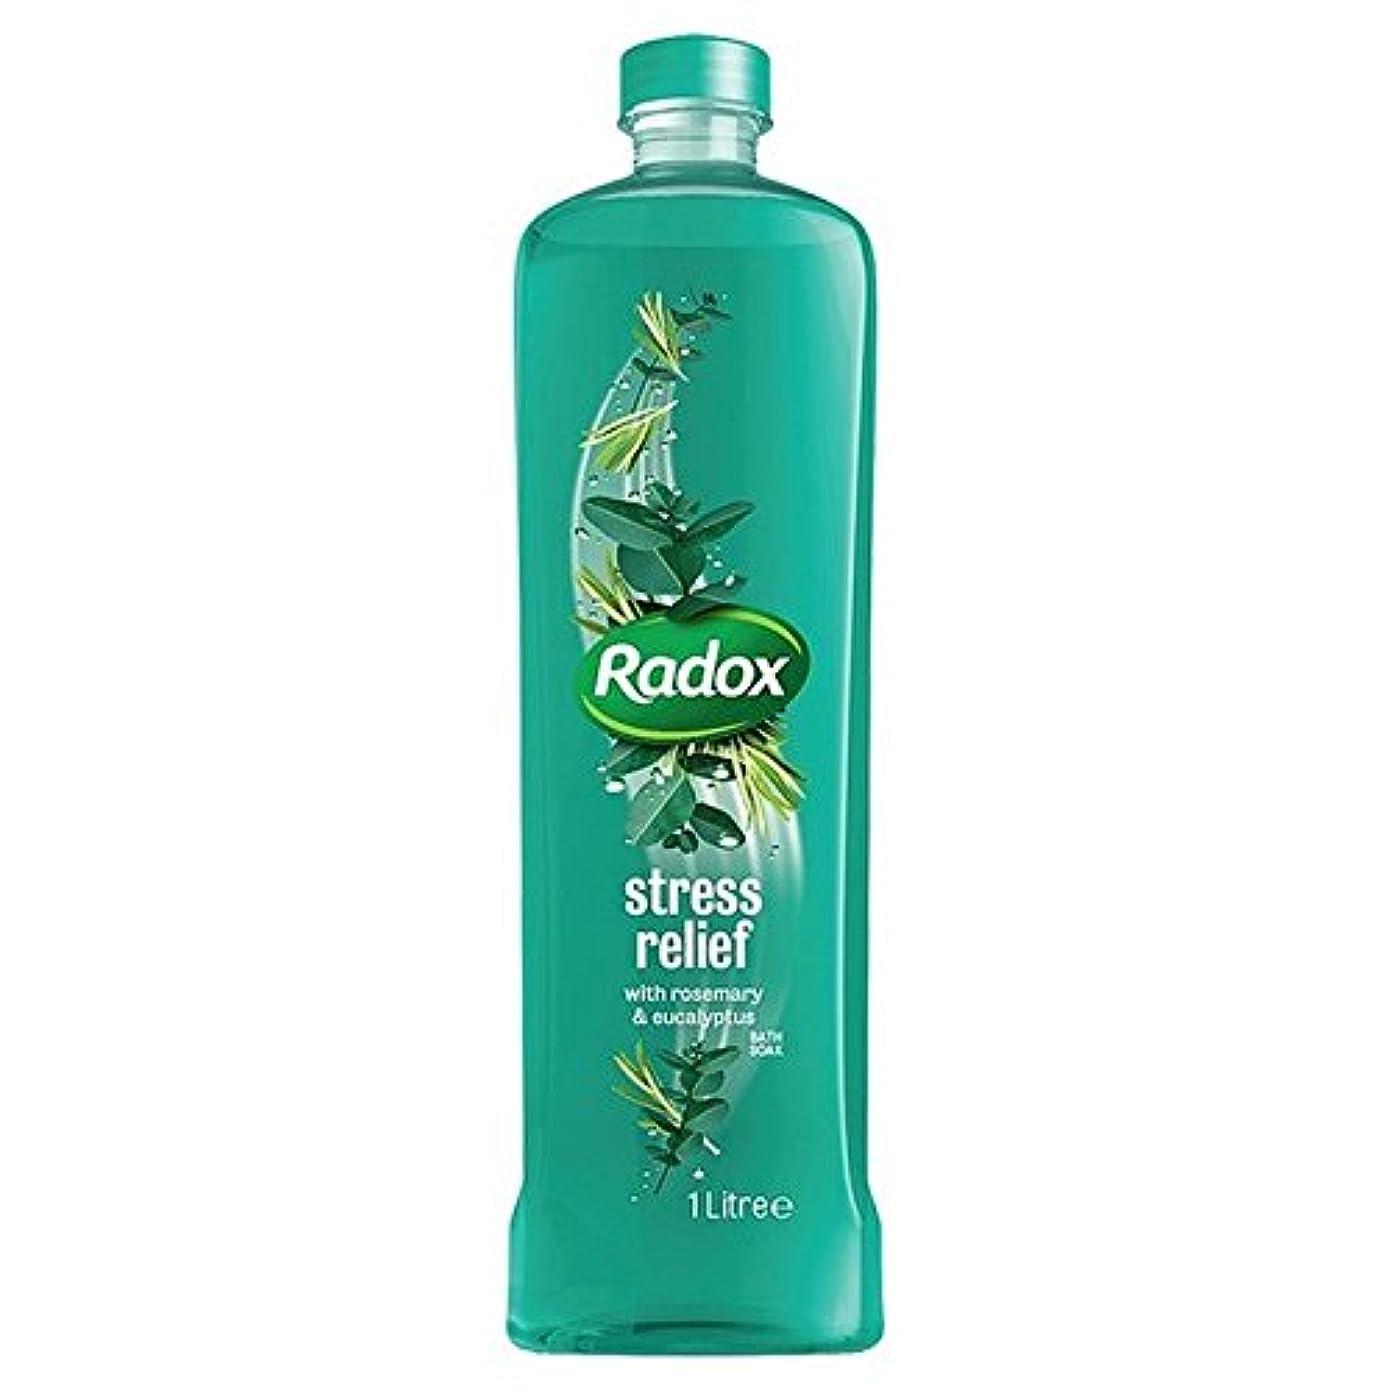 いらいらさせるの量導出は、1リットルのソーク良い香りストレスリリーフ風呂を感じます x4 - Radox Feel Good Fragrance Stress Relief Bath Soak 1L (Pack of 4) [並行輸入品]